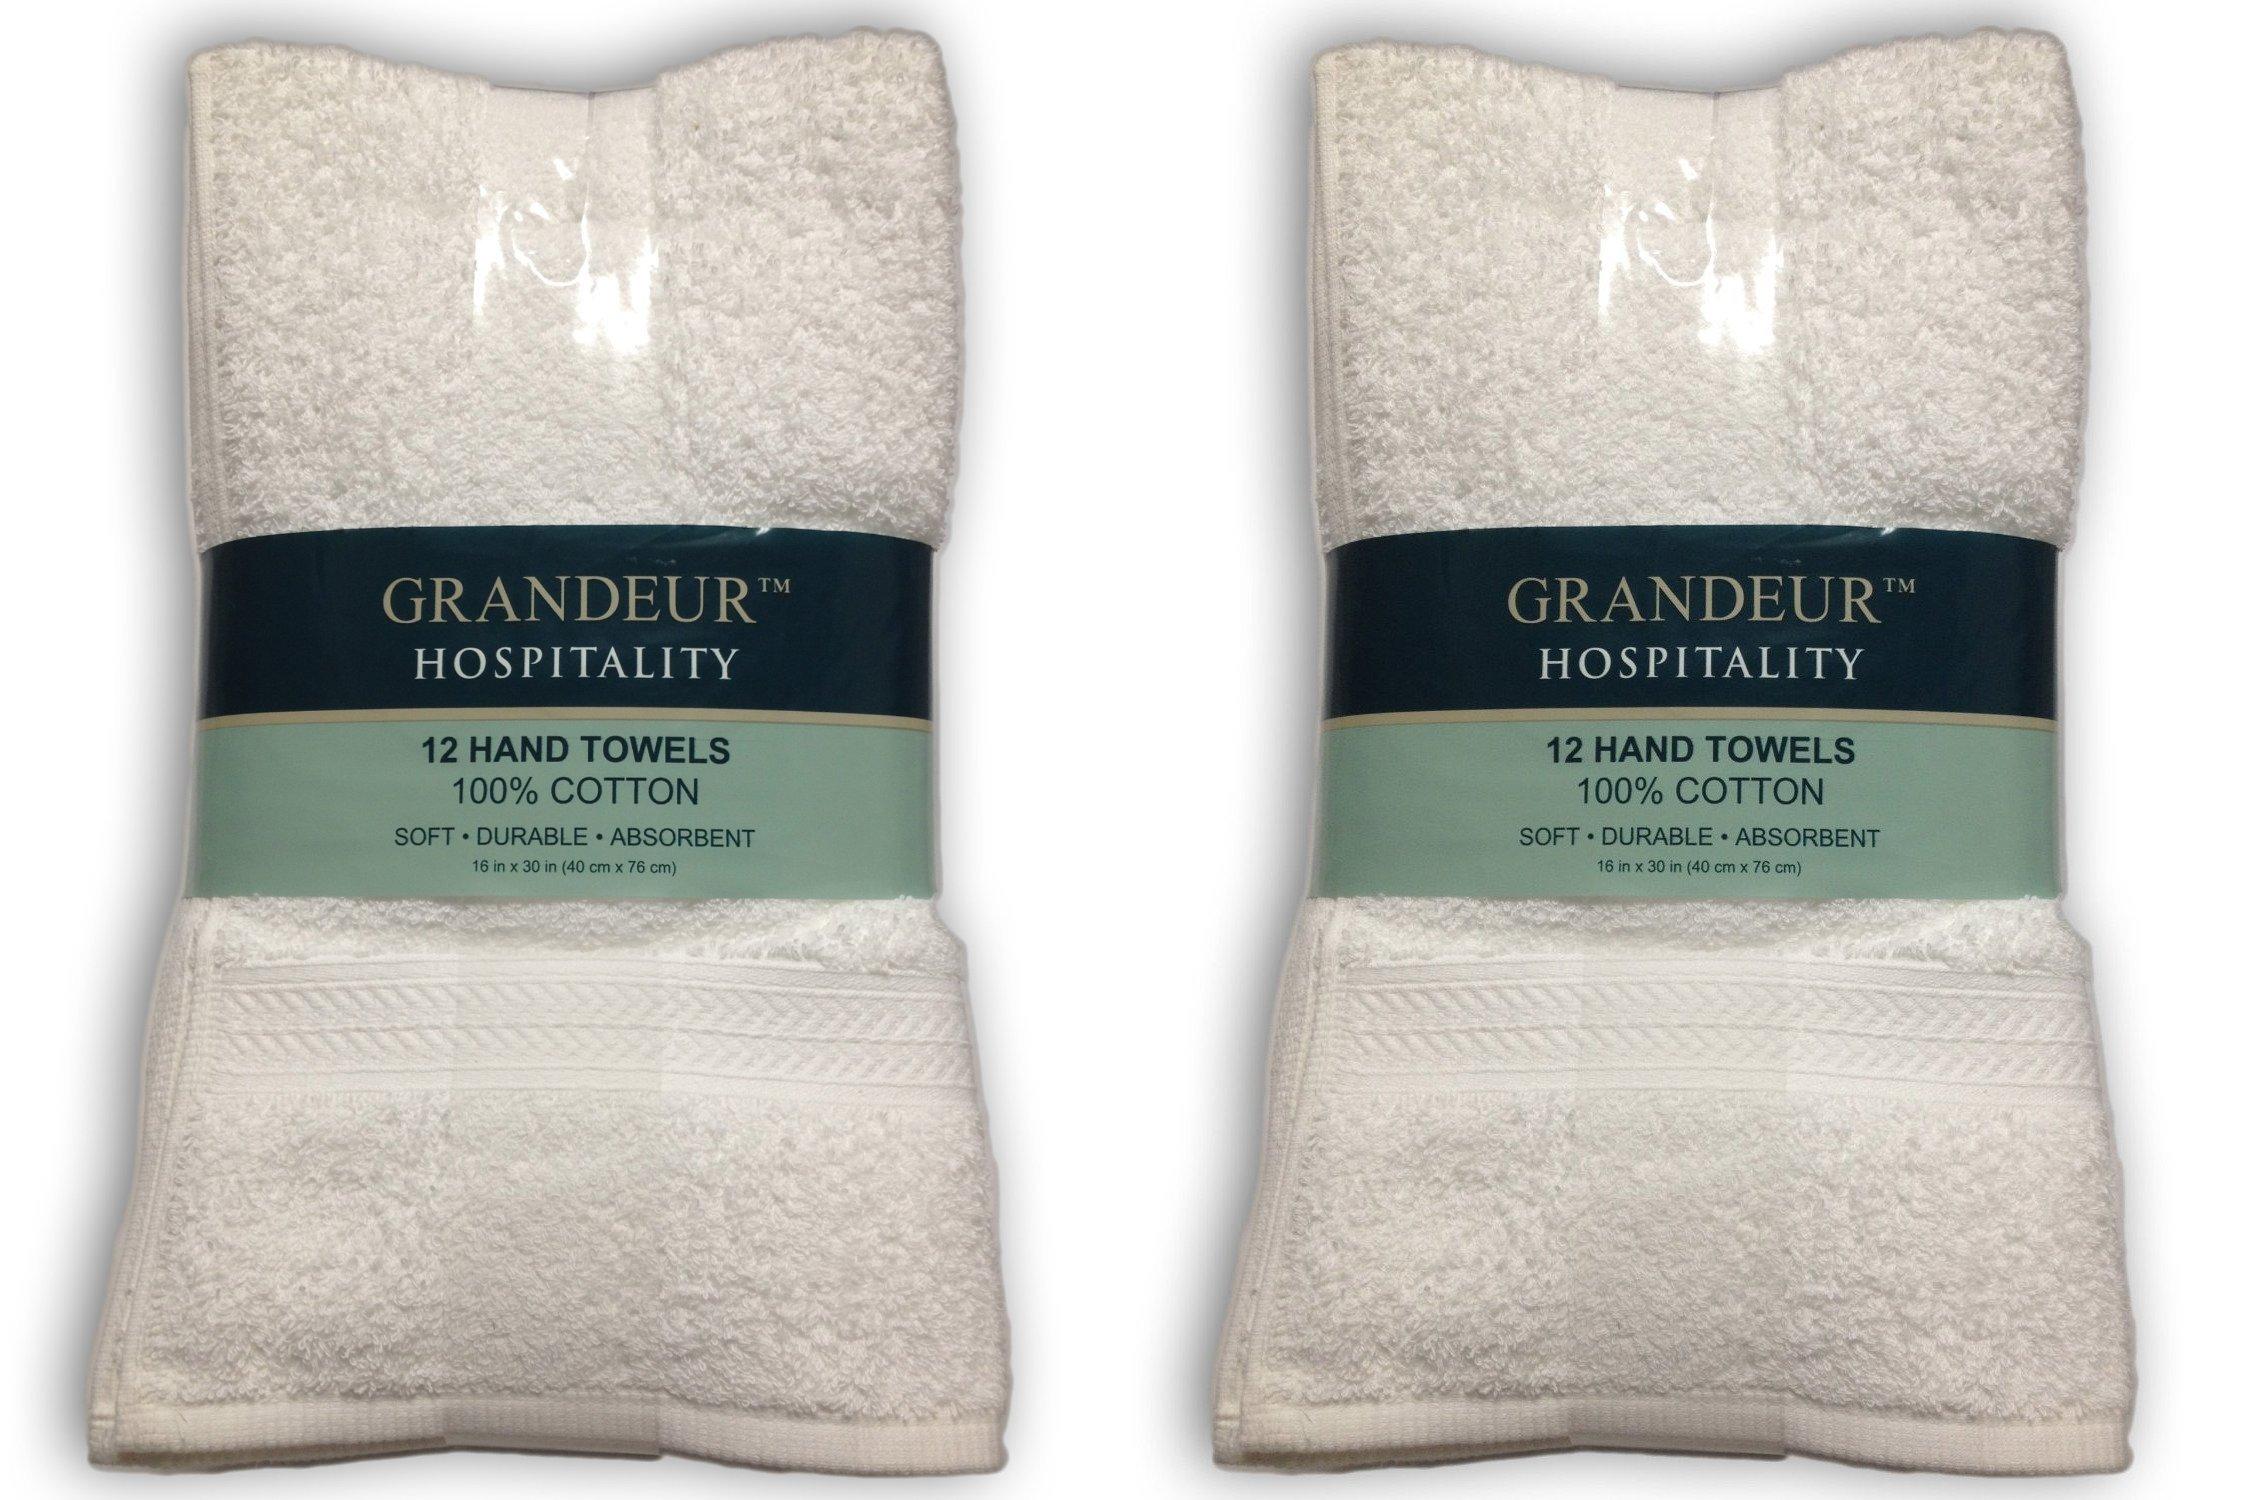 Grandeur Hospitality Hand Towels (24)